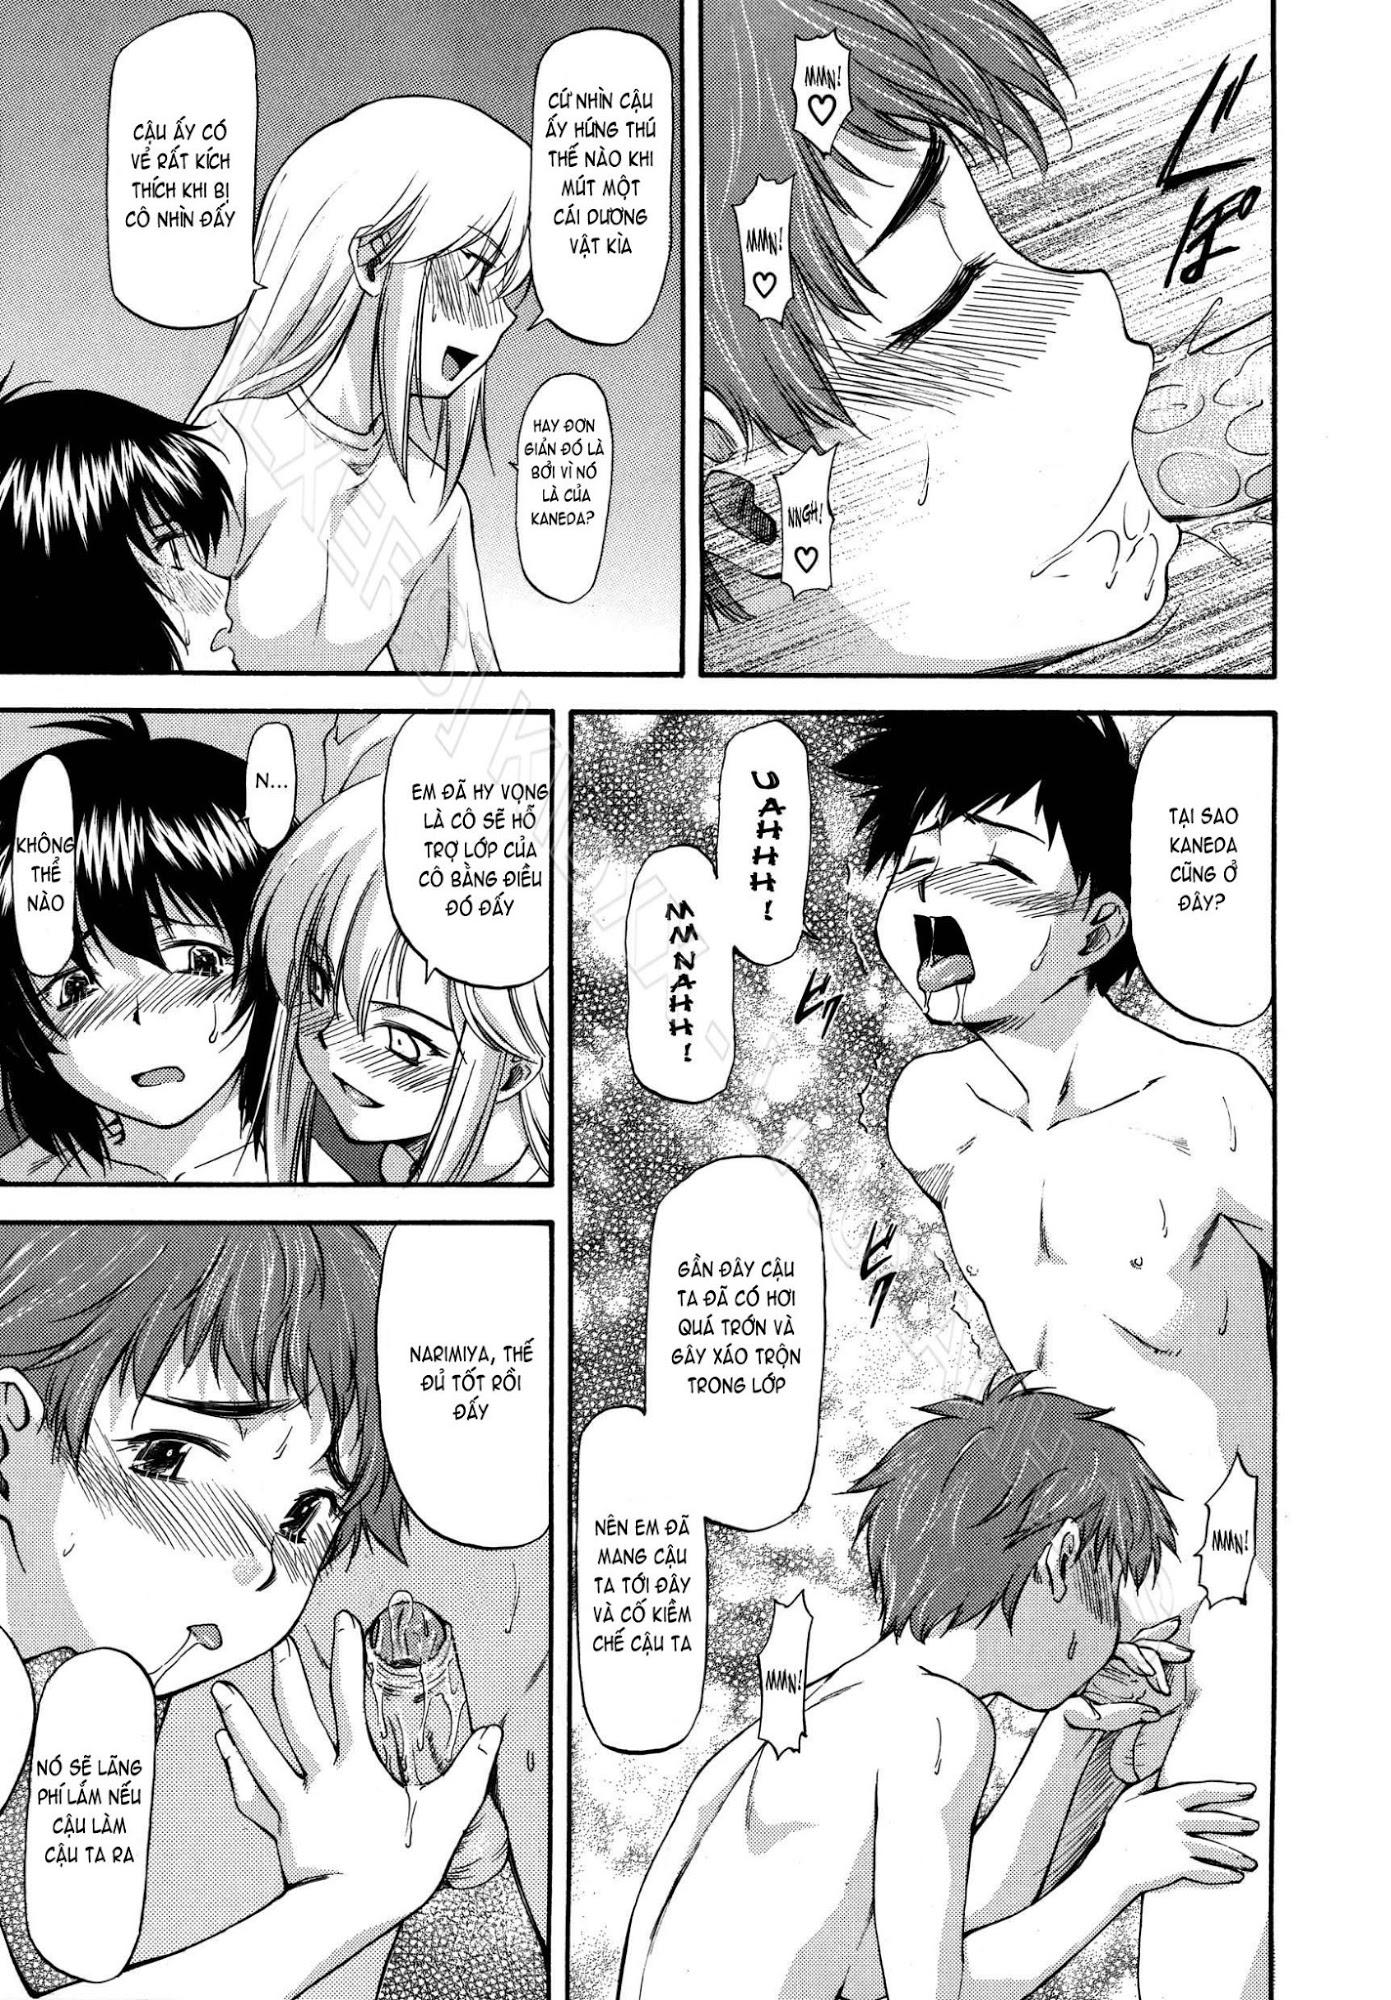 Hình ảnh Hinh_009 trong bài viết Truyện tranh hentai không che: Parabellum